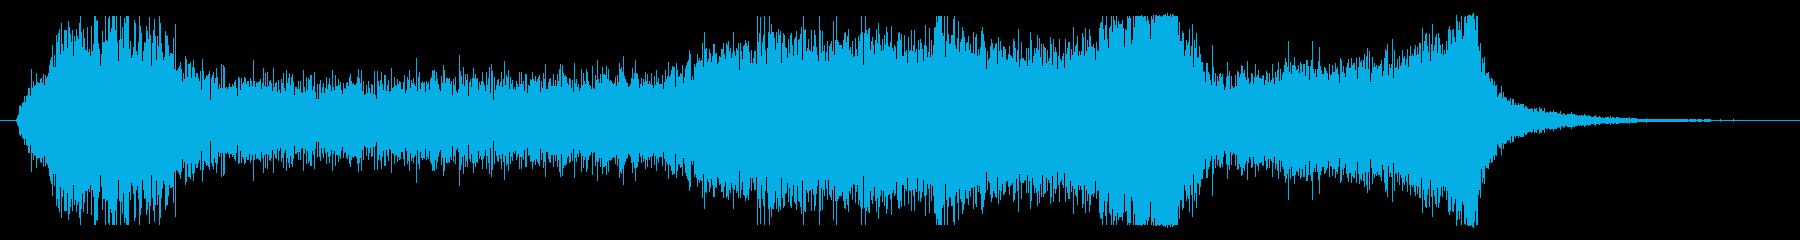 ダークドローン、ロー、ボイス、ハー...の再生済みの波形